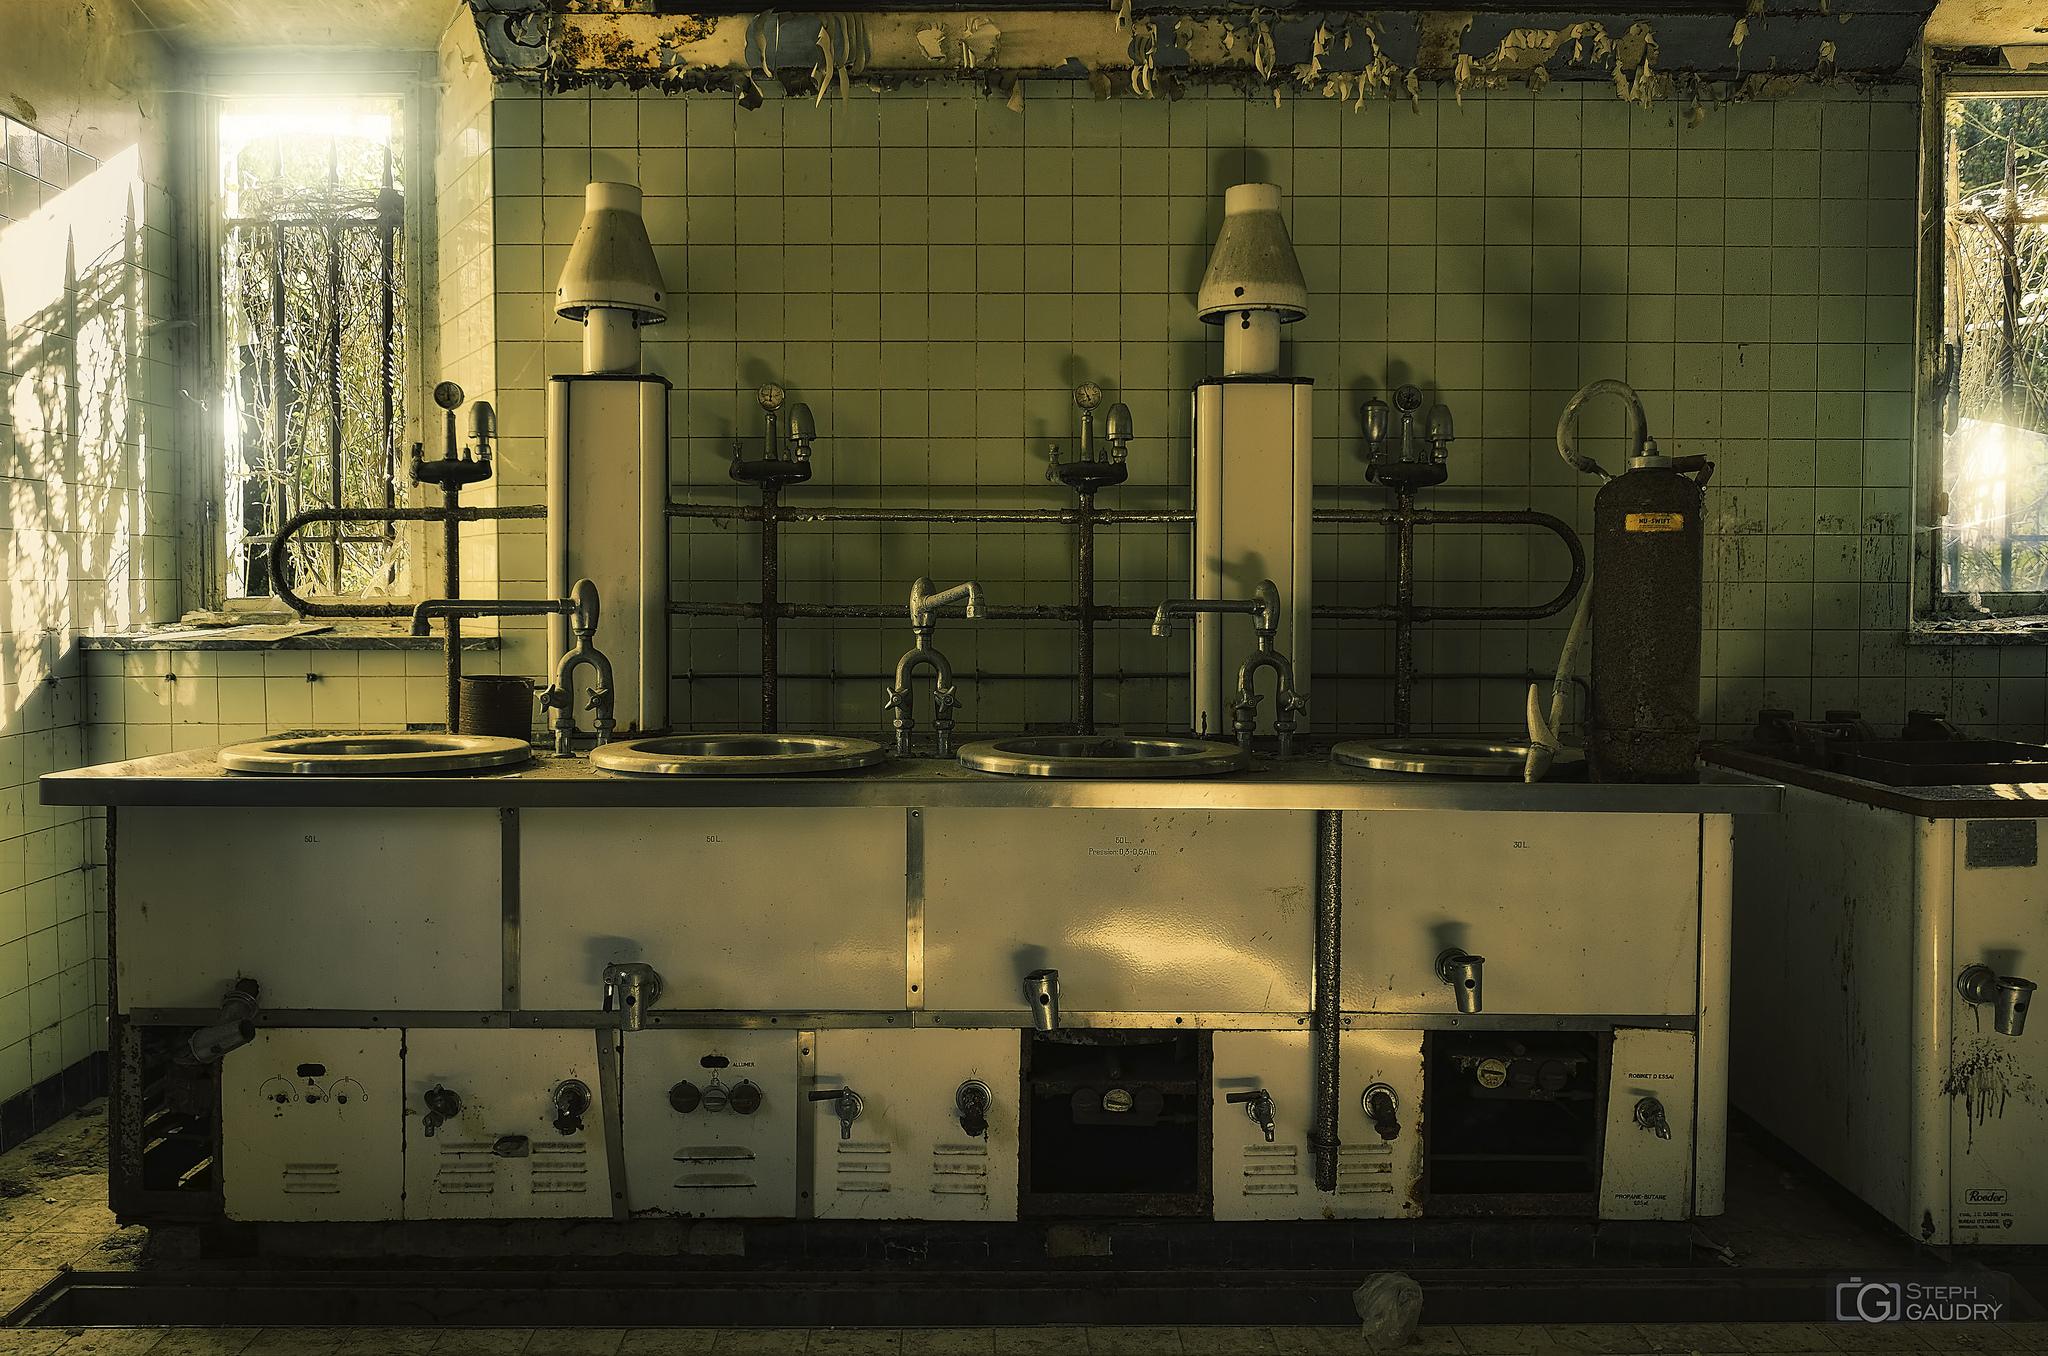 Abandoned kitchen [Cliquez pour lancer le diaporama]